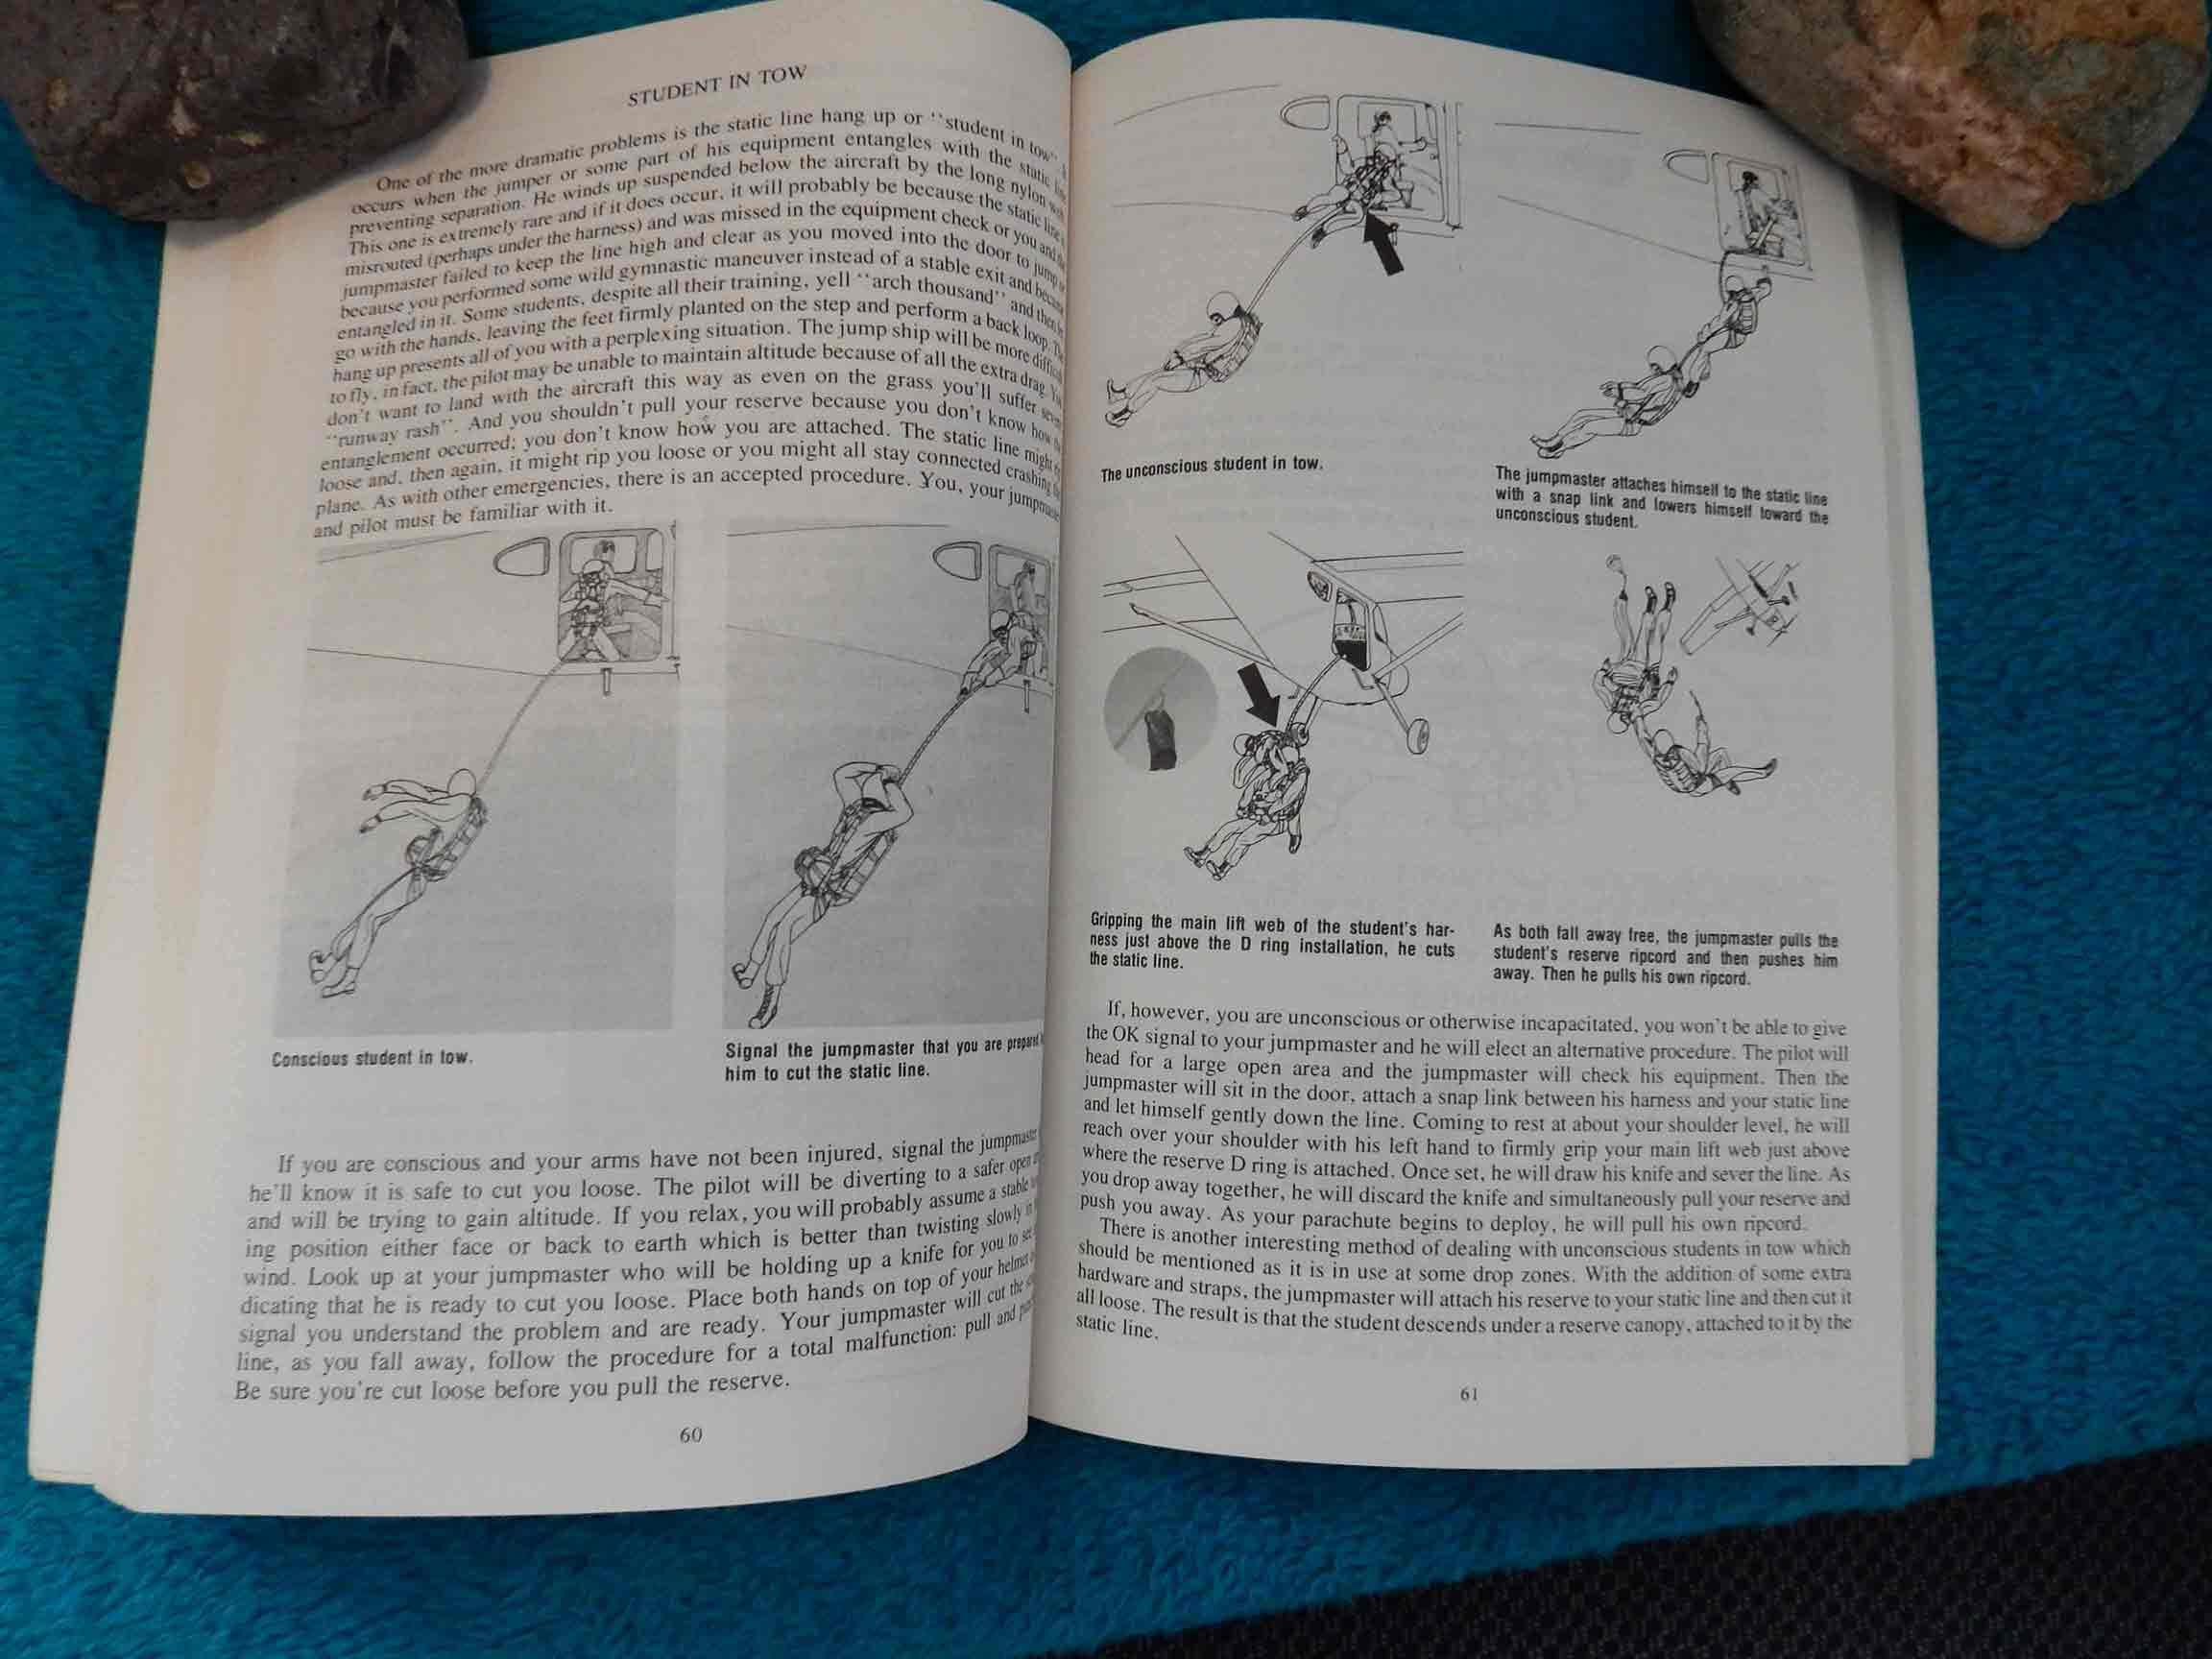 dan poynter parachute manual pdf